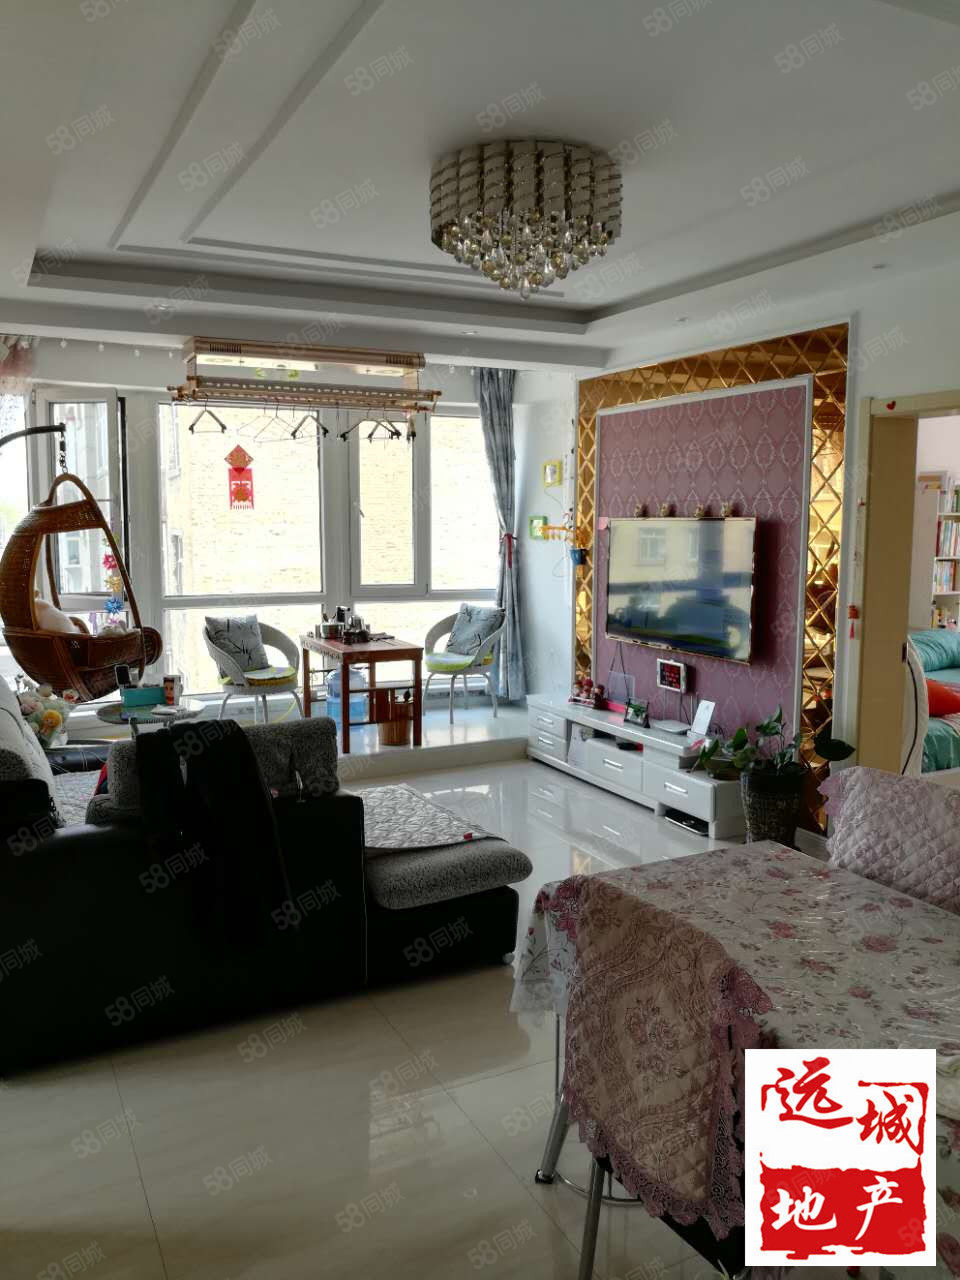 公元尚品正三楼全新精装修三居室带家具拎包即住